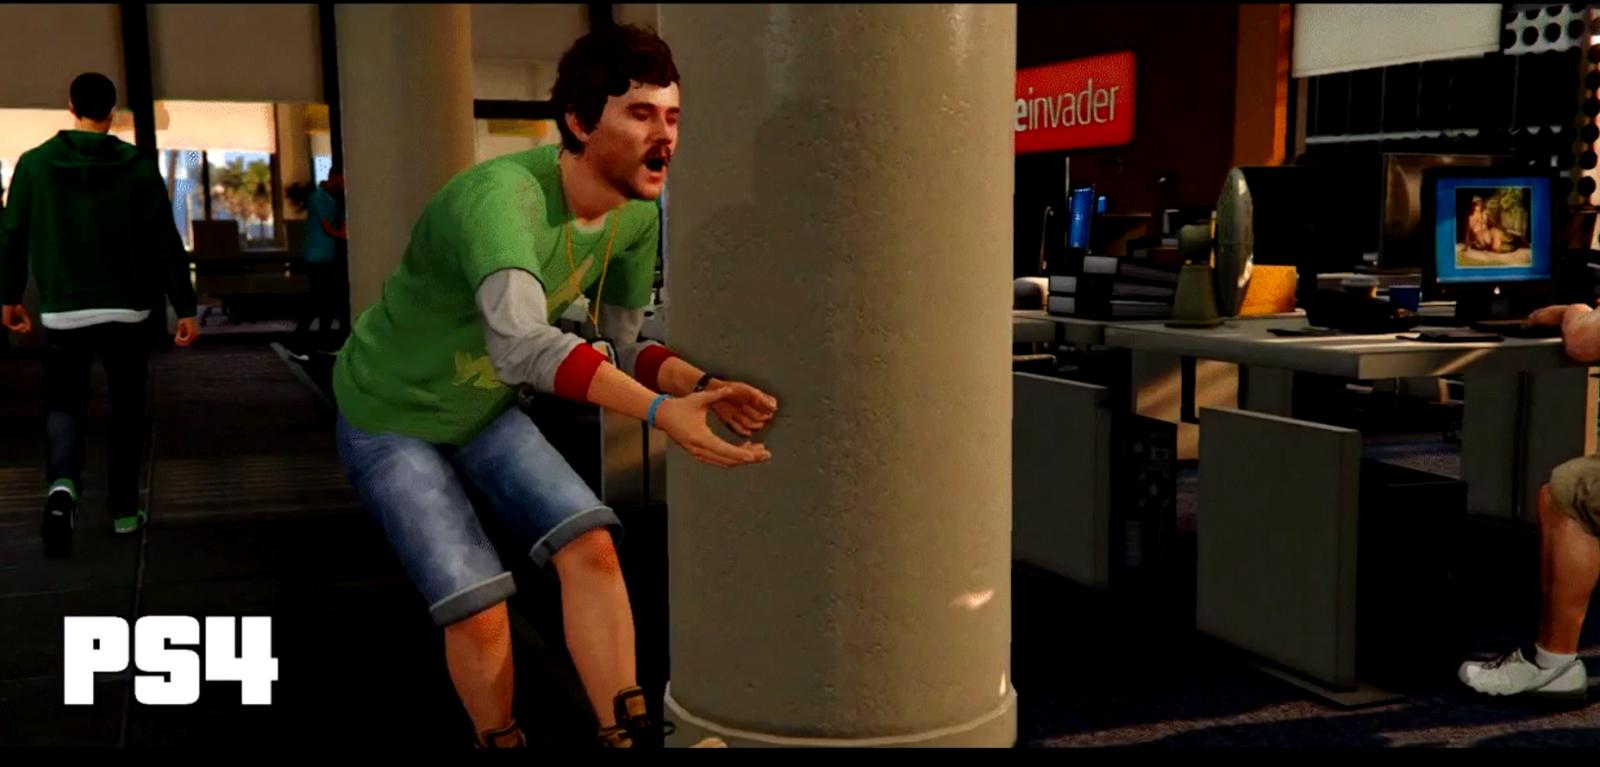 GTA 5 PS4 vs PS3: Next-Gen Graphics Gameplay Comparison